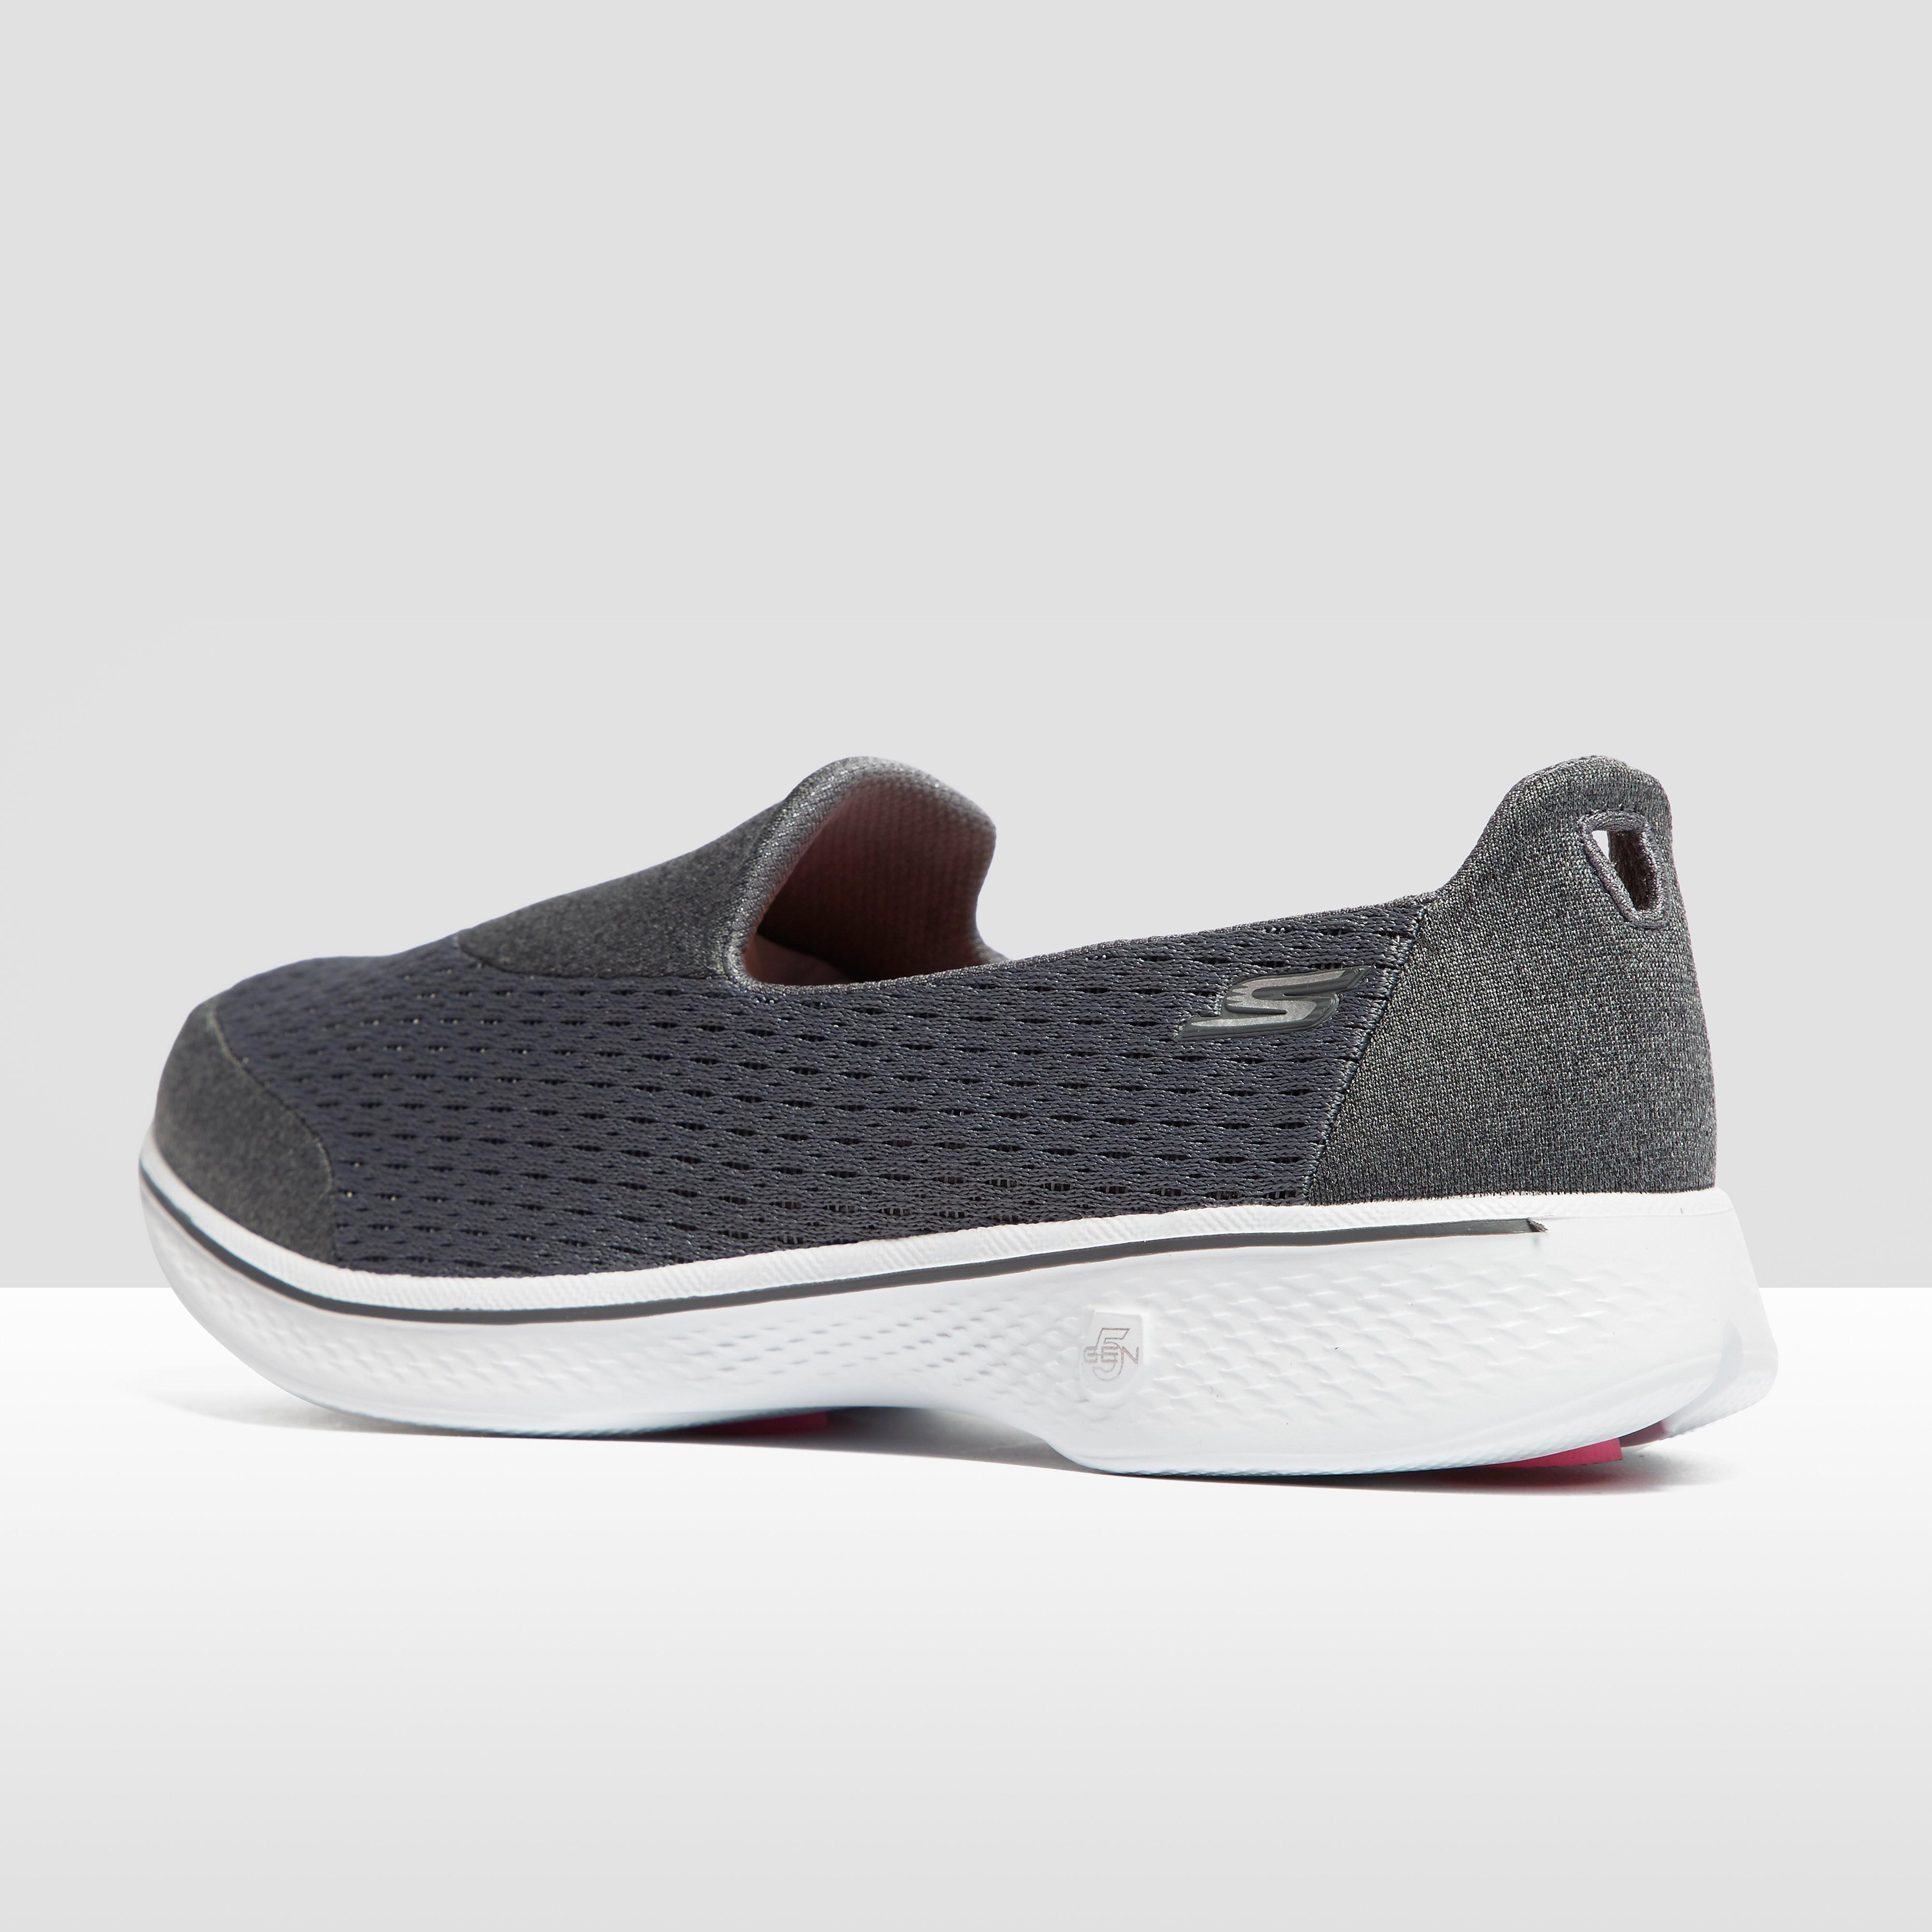 Skechers LTD GOwalk 4- Kindle Women's Shoes